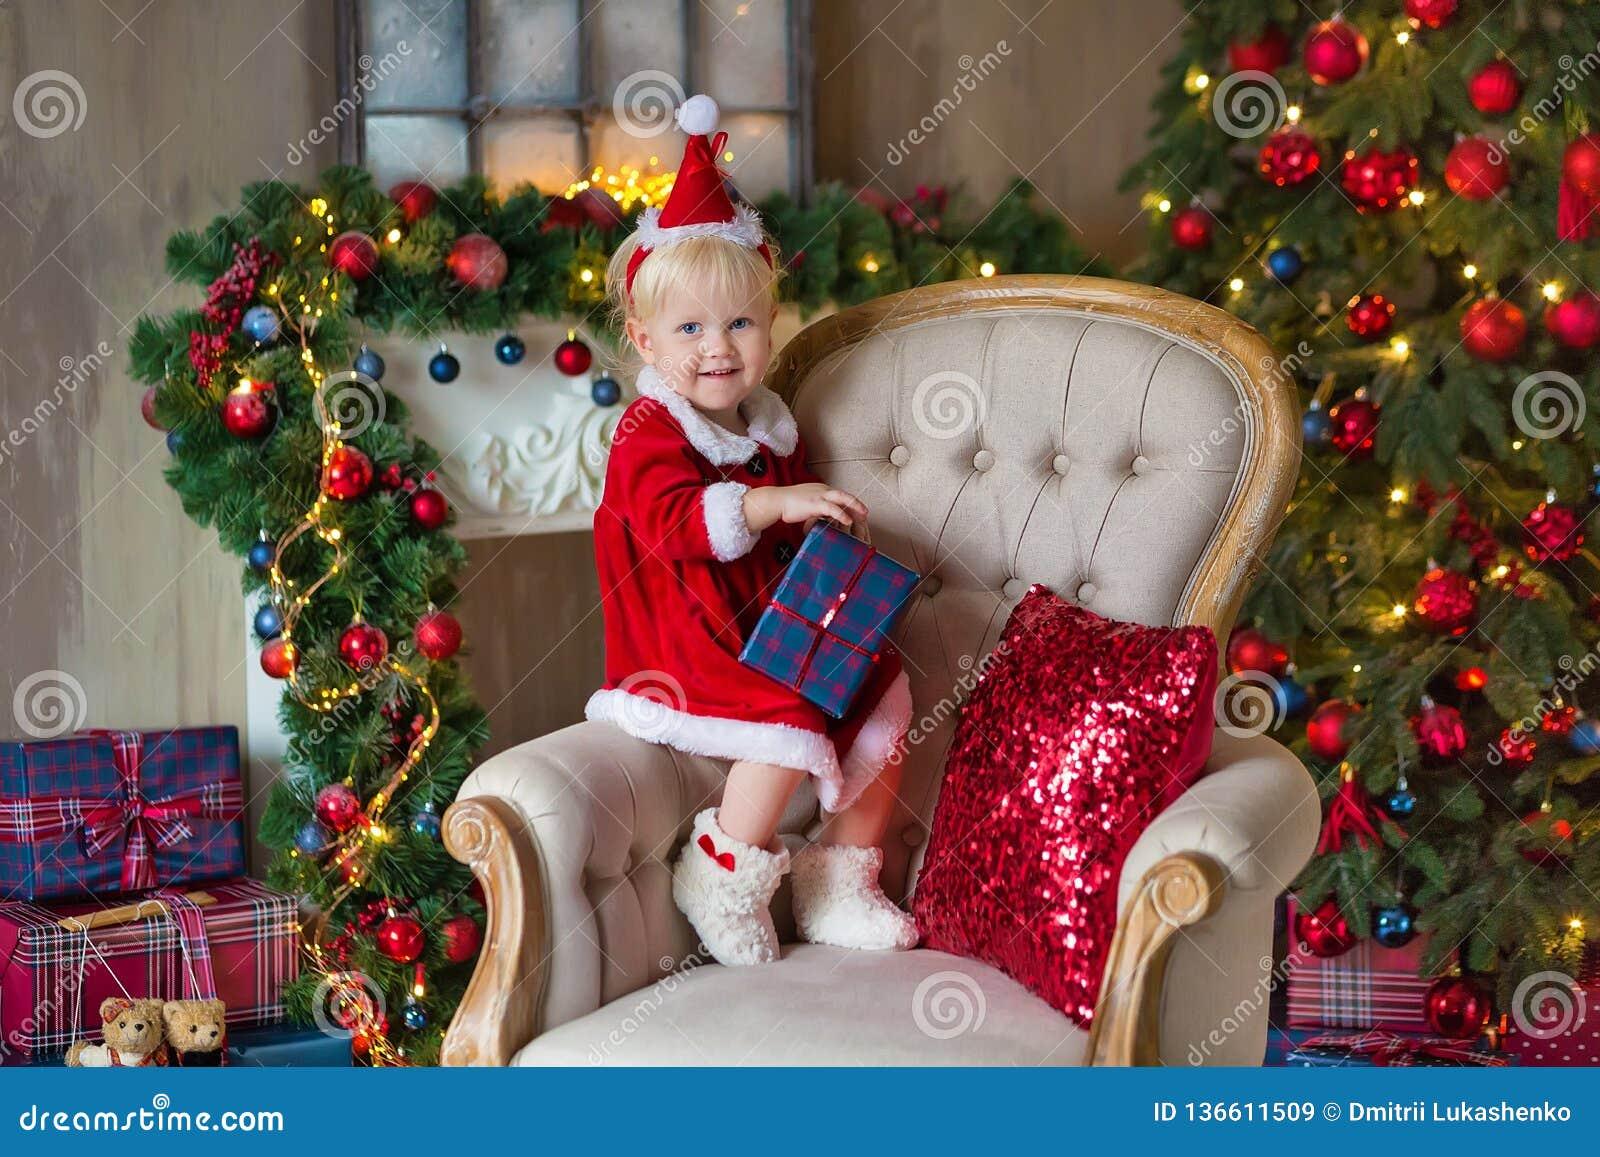 圣诞快乐和节日快乐逗人喜爱的小孩女孩装饰圣诞树户内